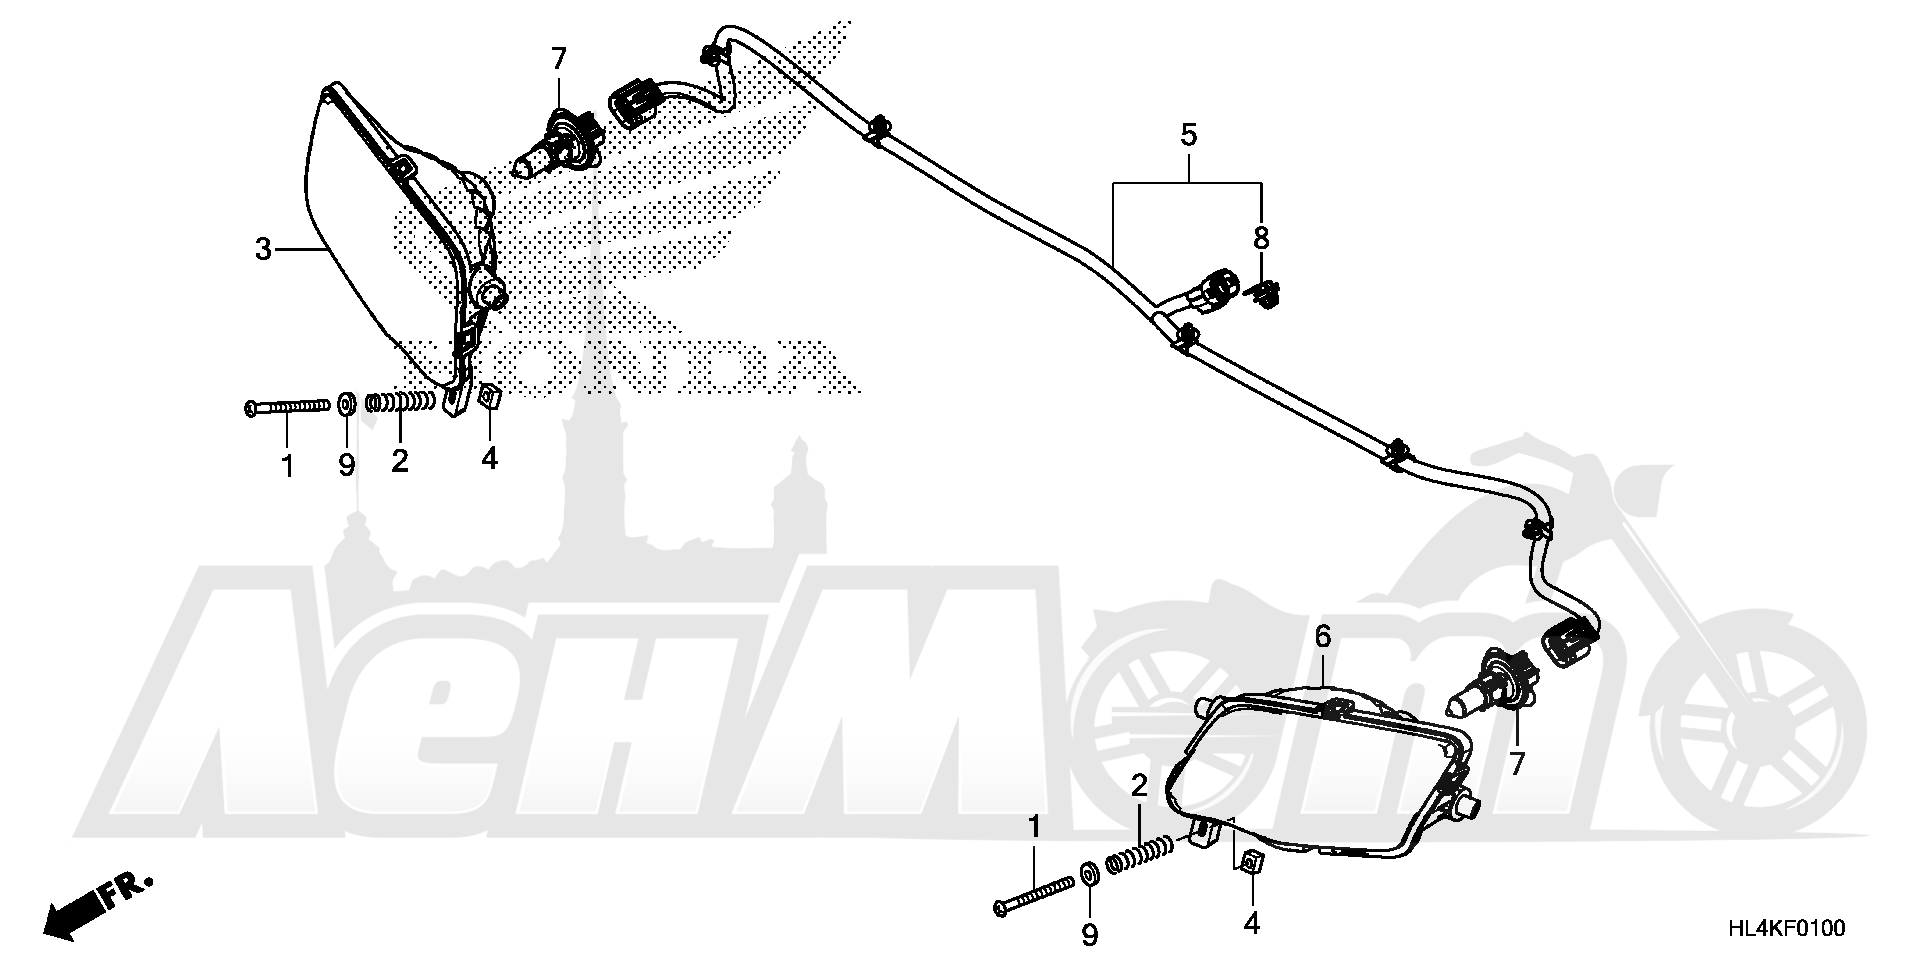 Запчасти для Квадроцикла Honda 2019 SXS1000M5P Раздел: HEADLIGHT (1) | передняя фара (1)